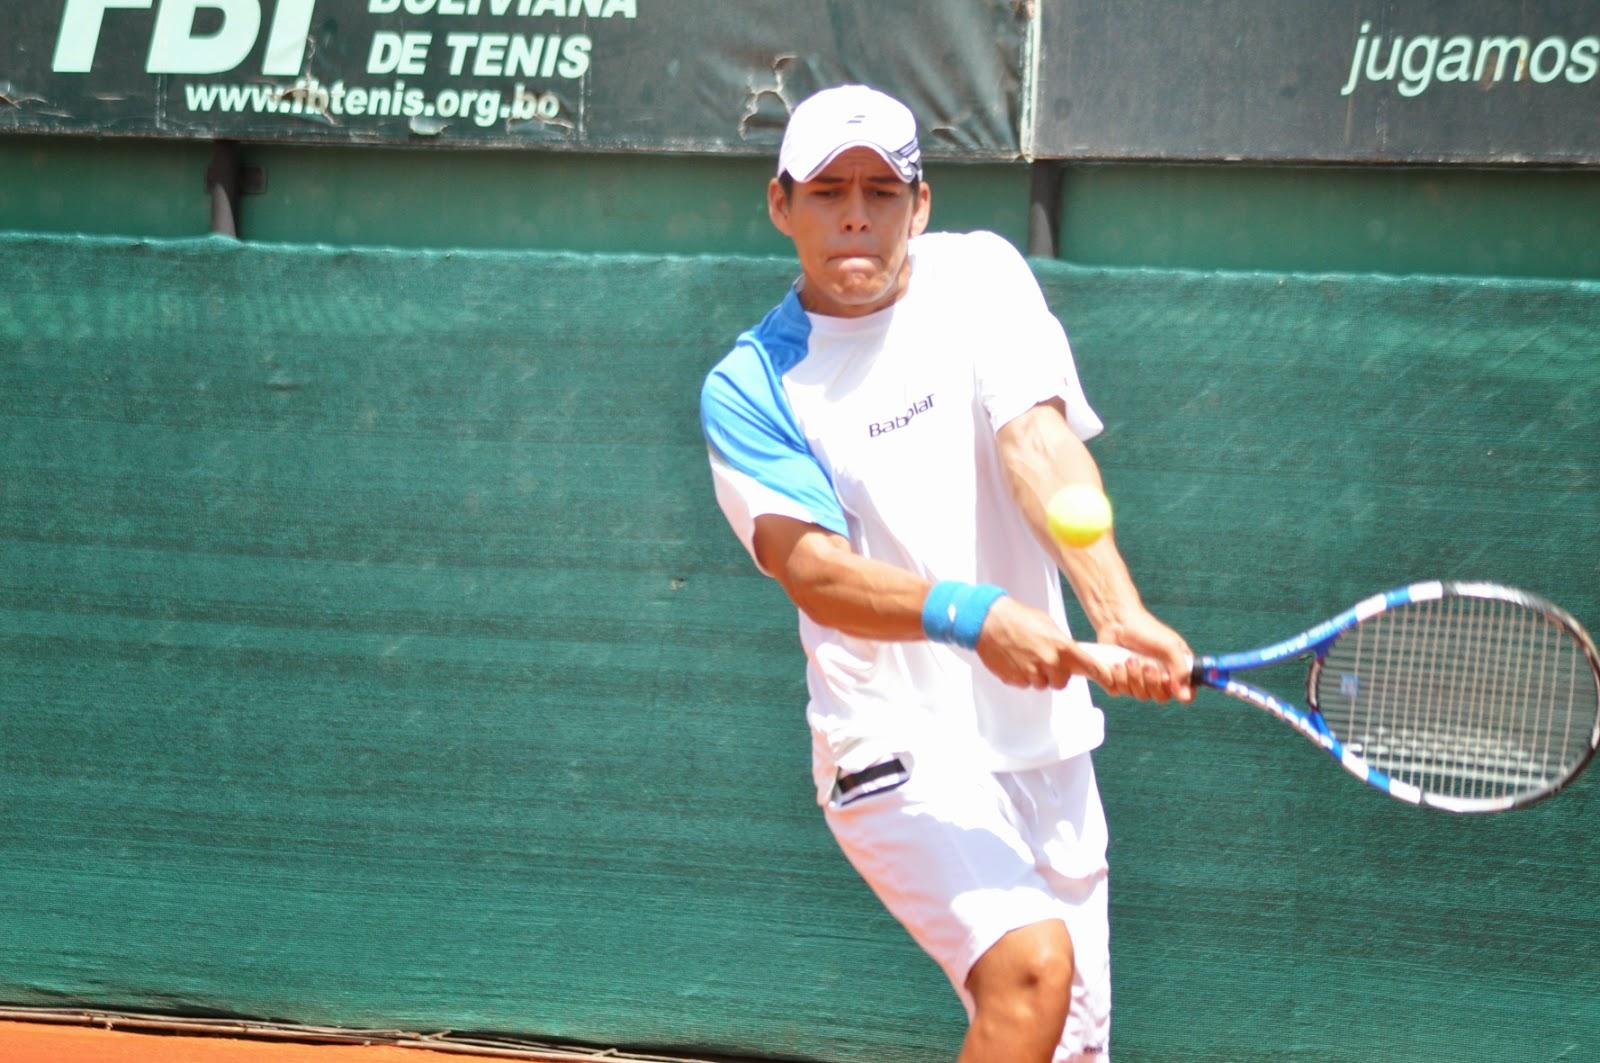 Resultado de imagen para La Paz gana Nacional de tenis G4